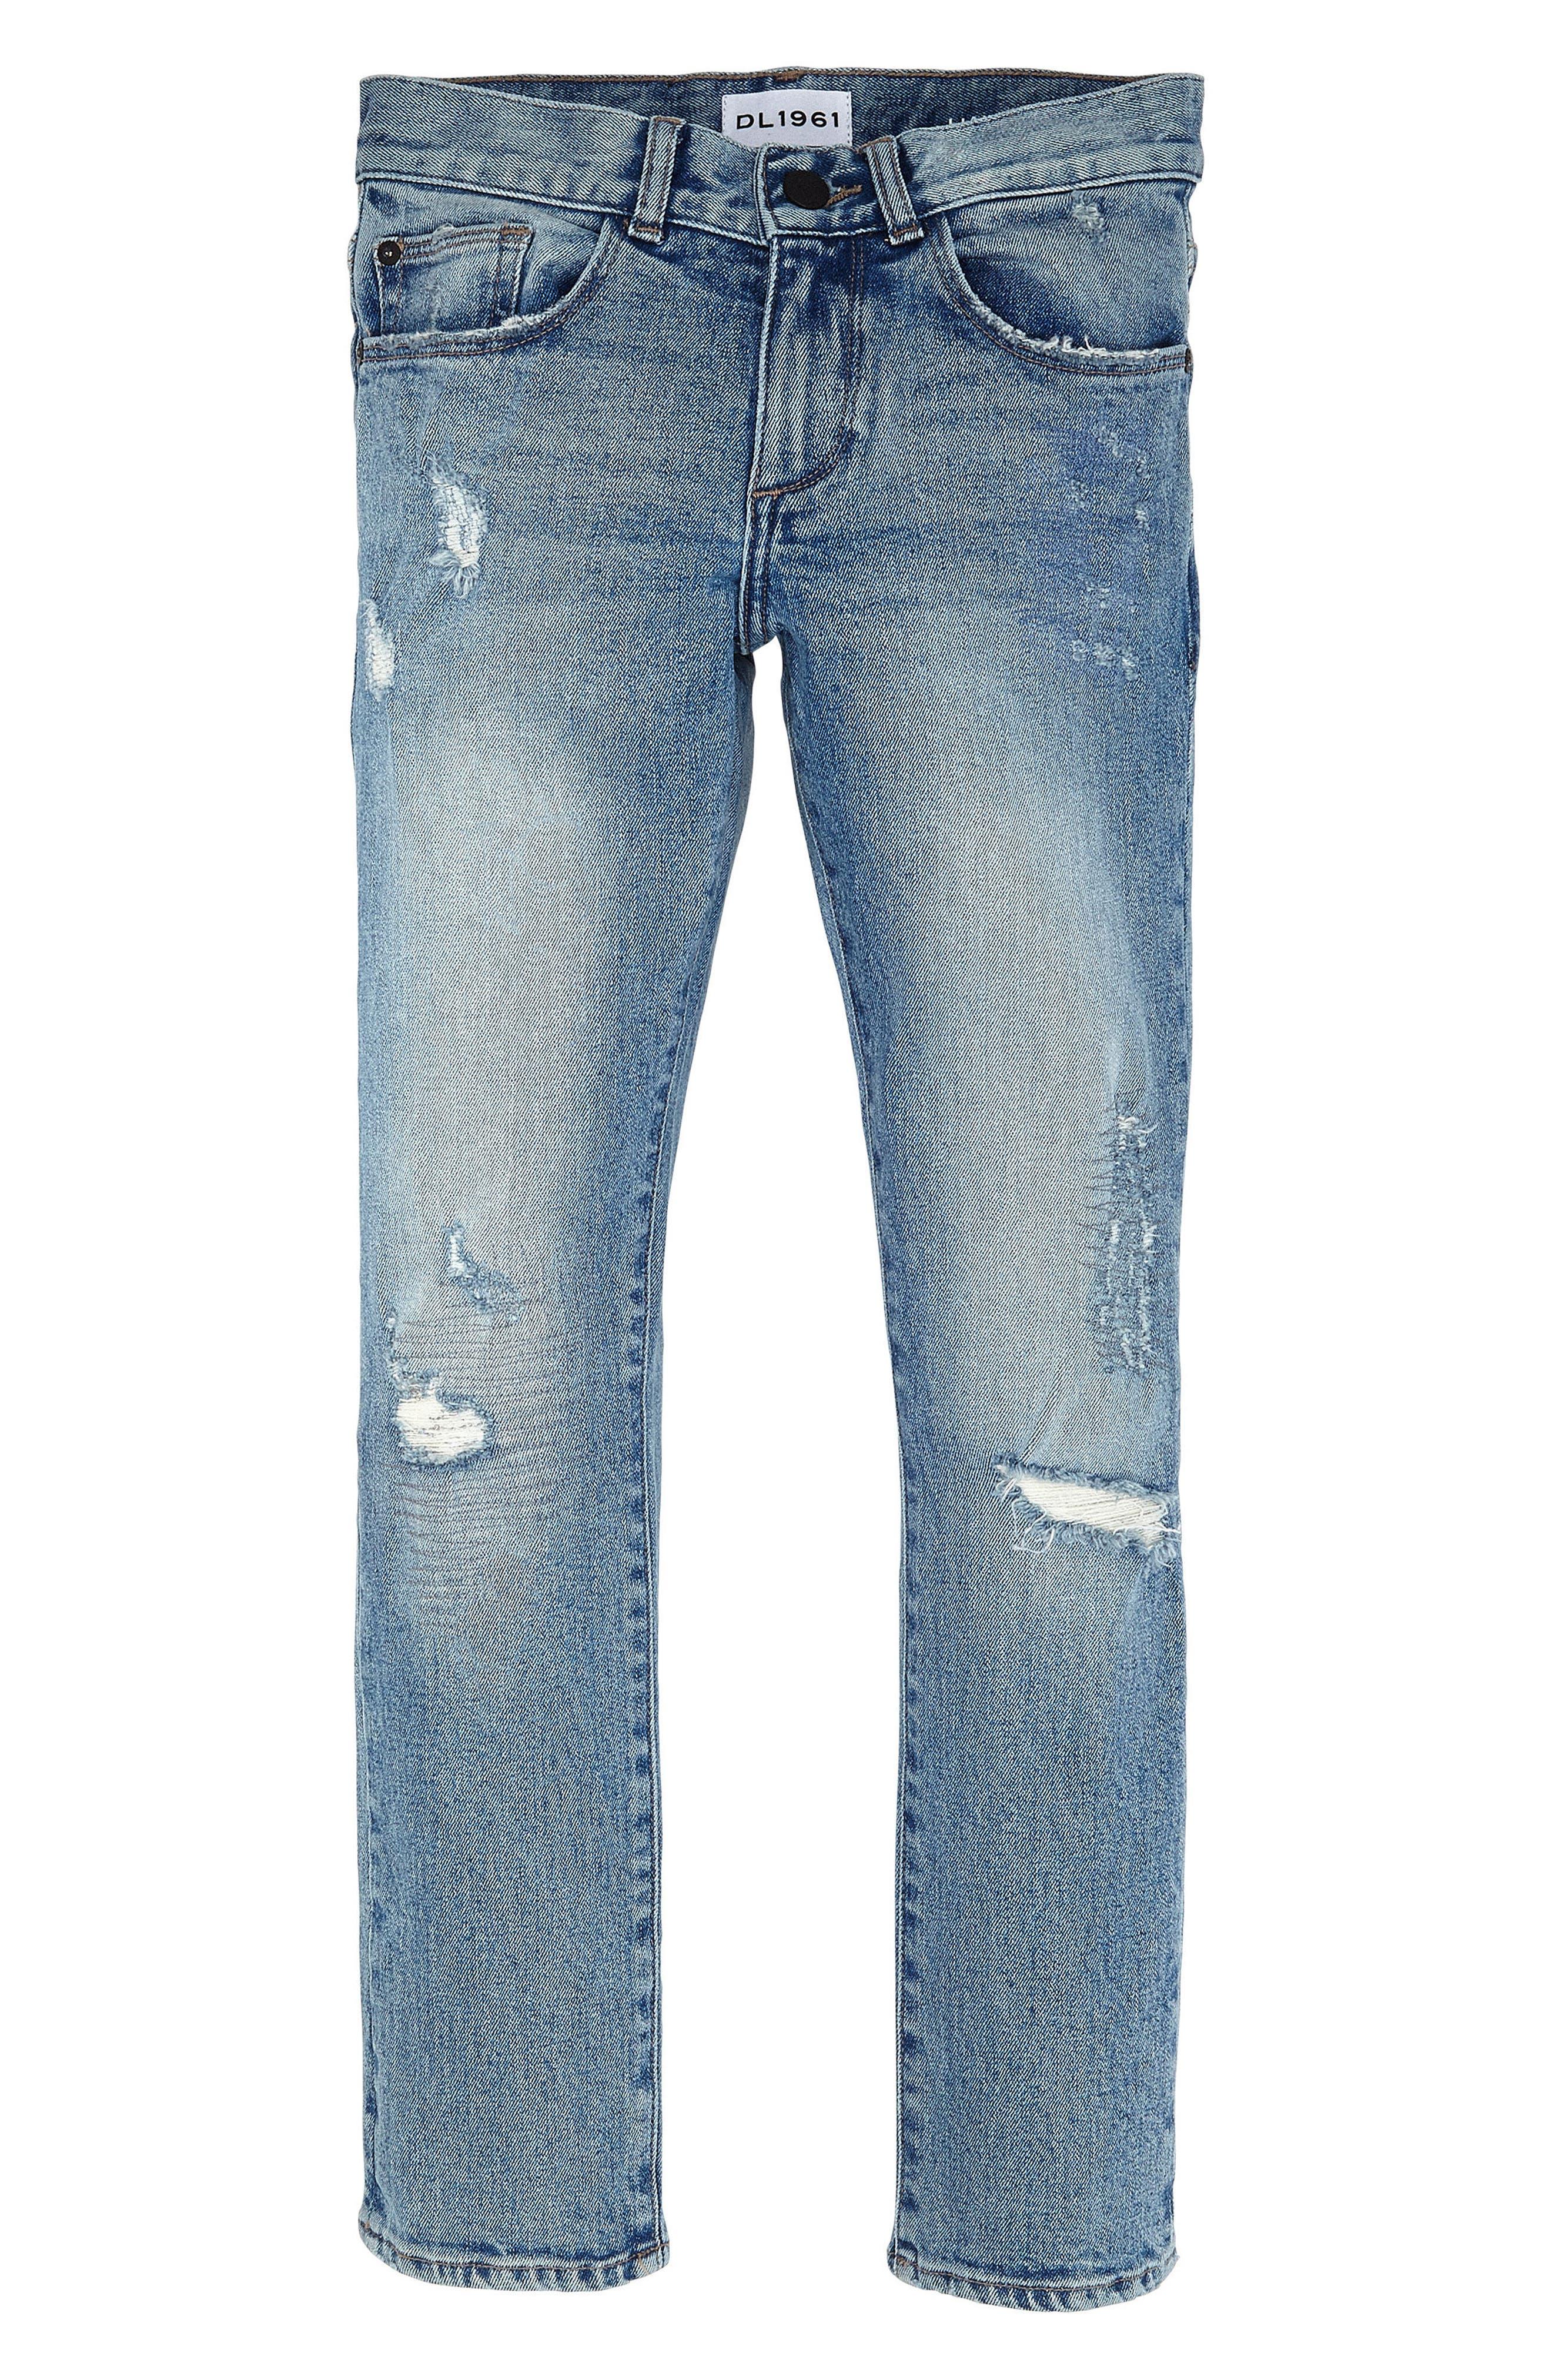 Hawke Skinny Fit Rip and Repair Jeans,                             Main thumbnail 1, color,                             Rebel